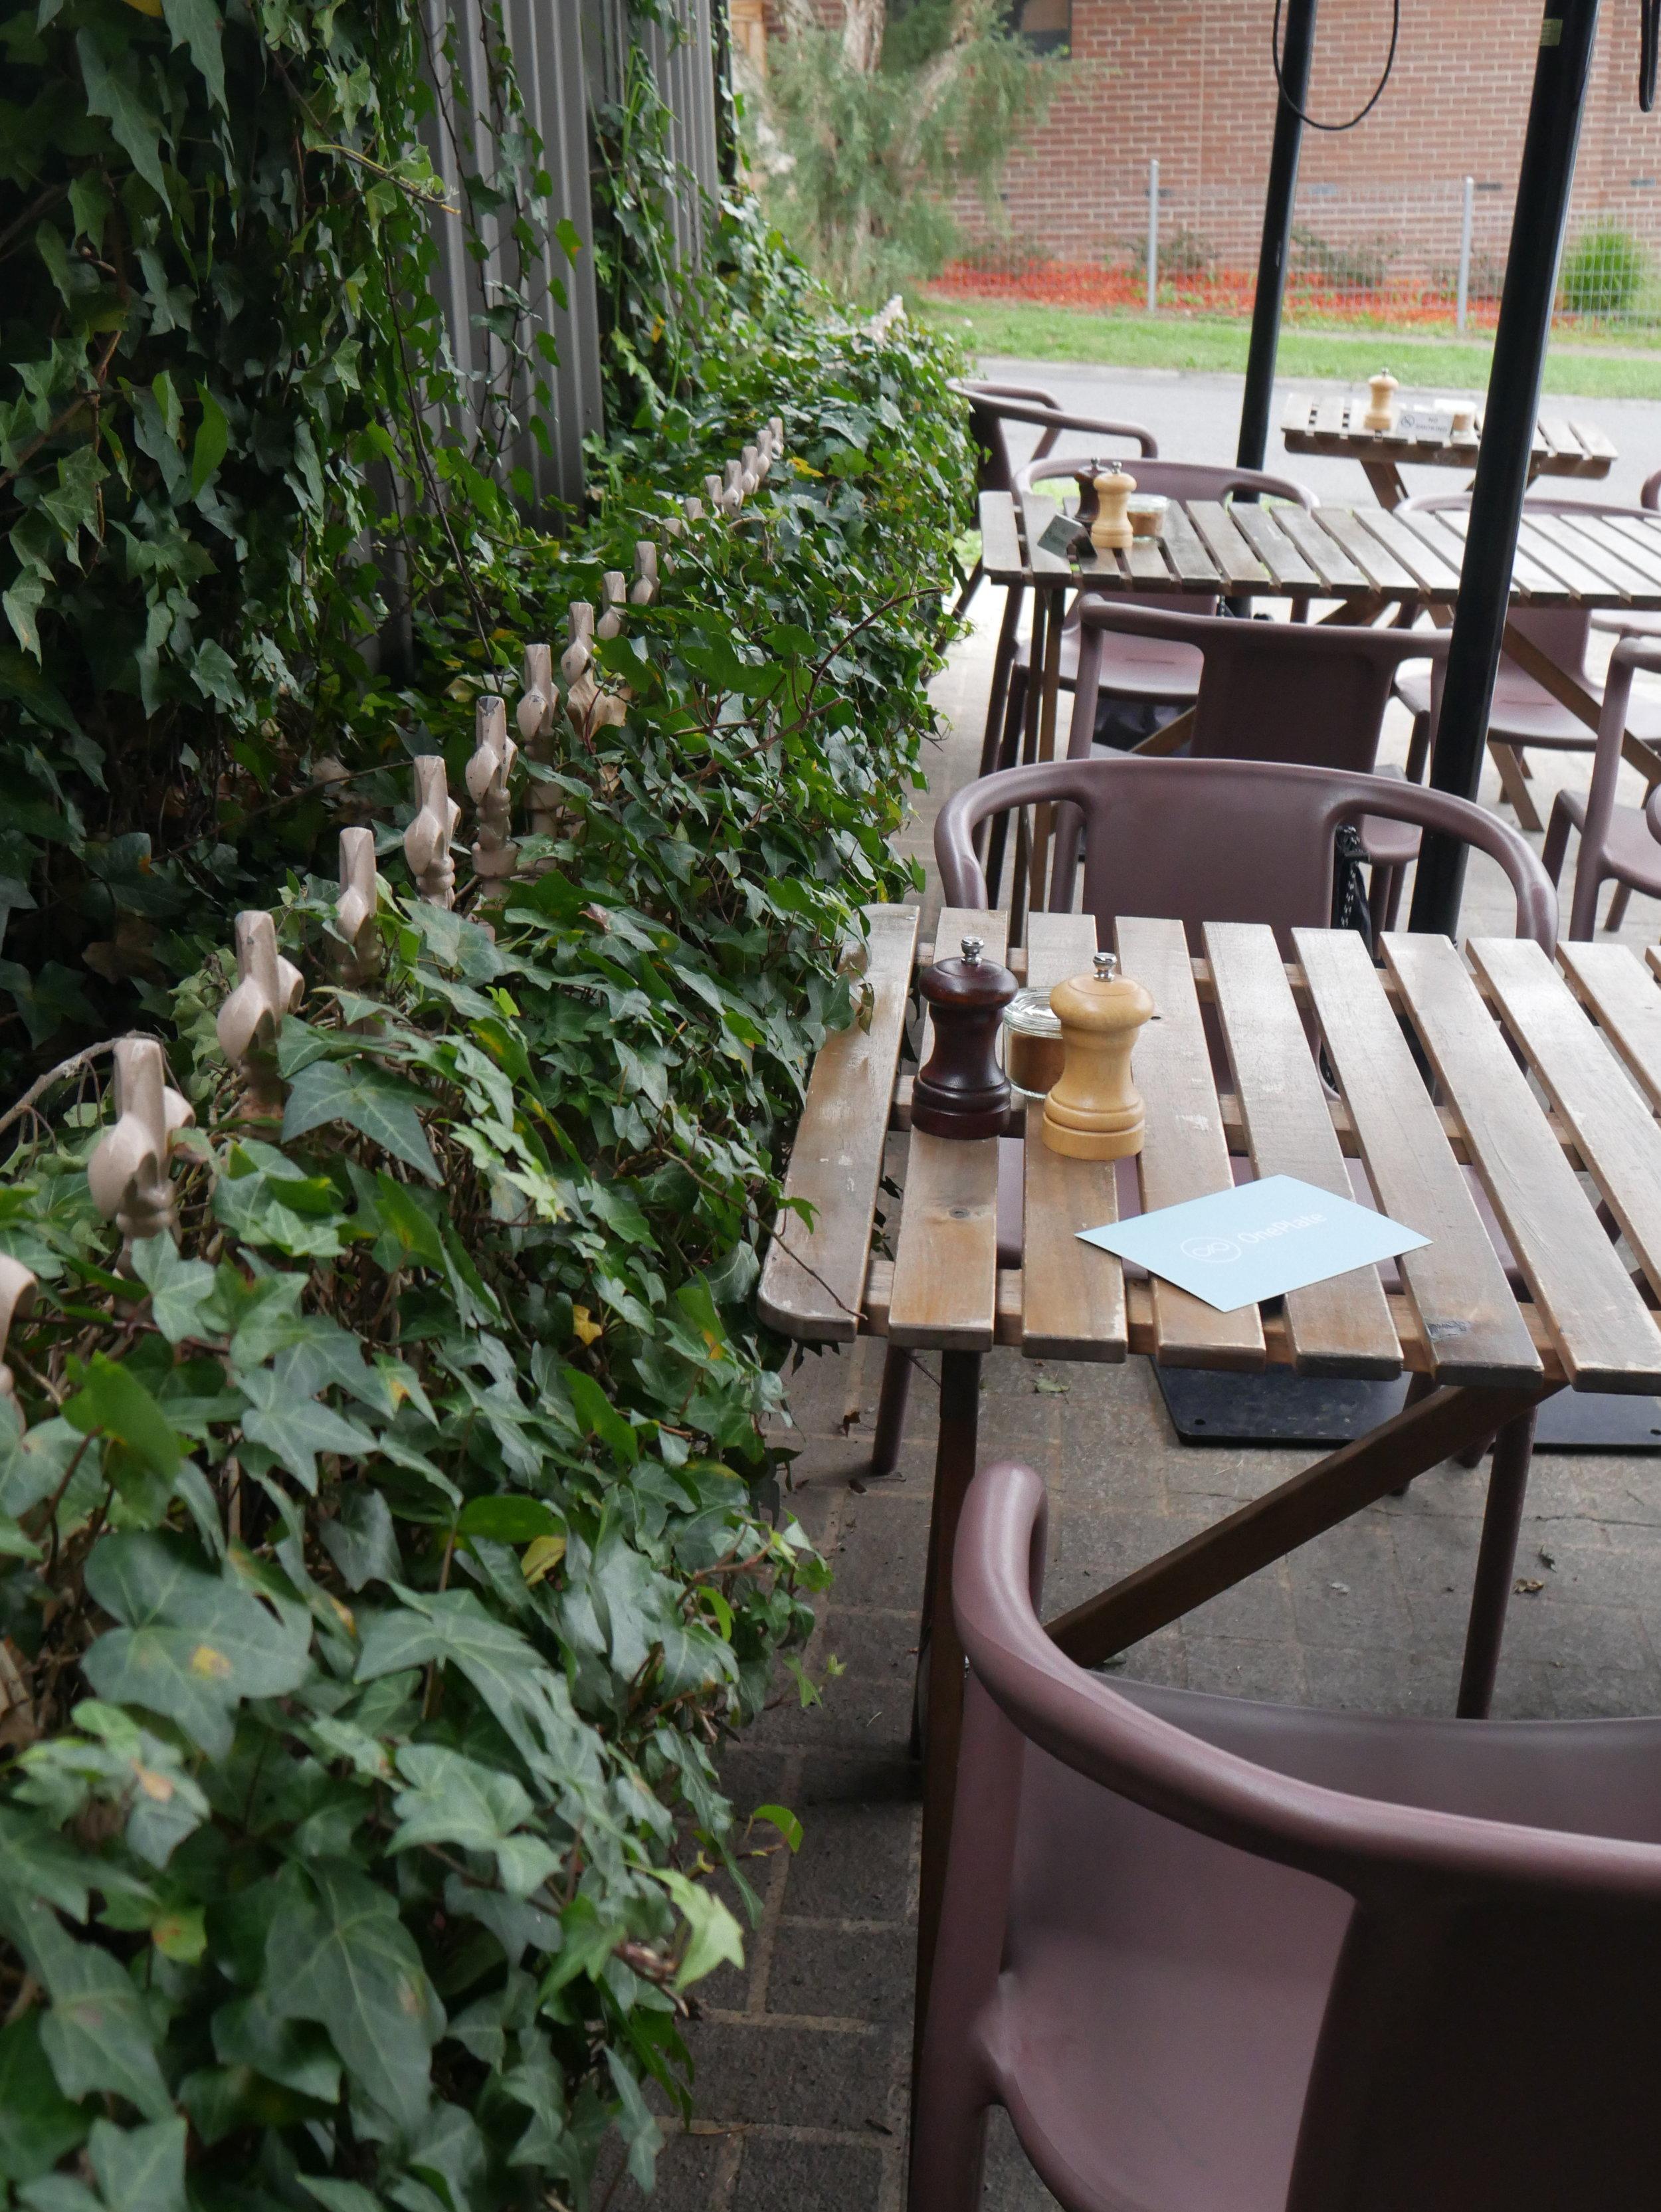 Leaf and Vine Cafe